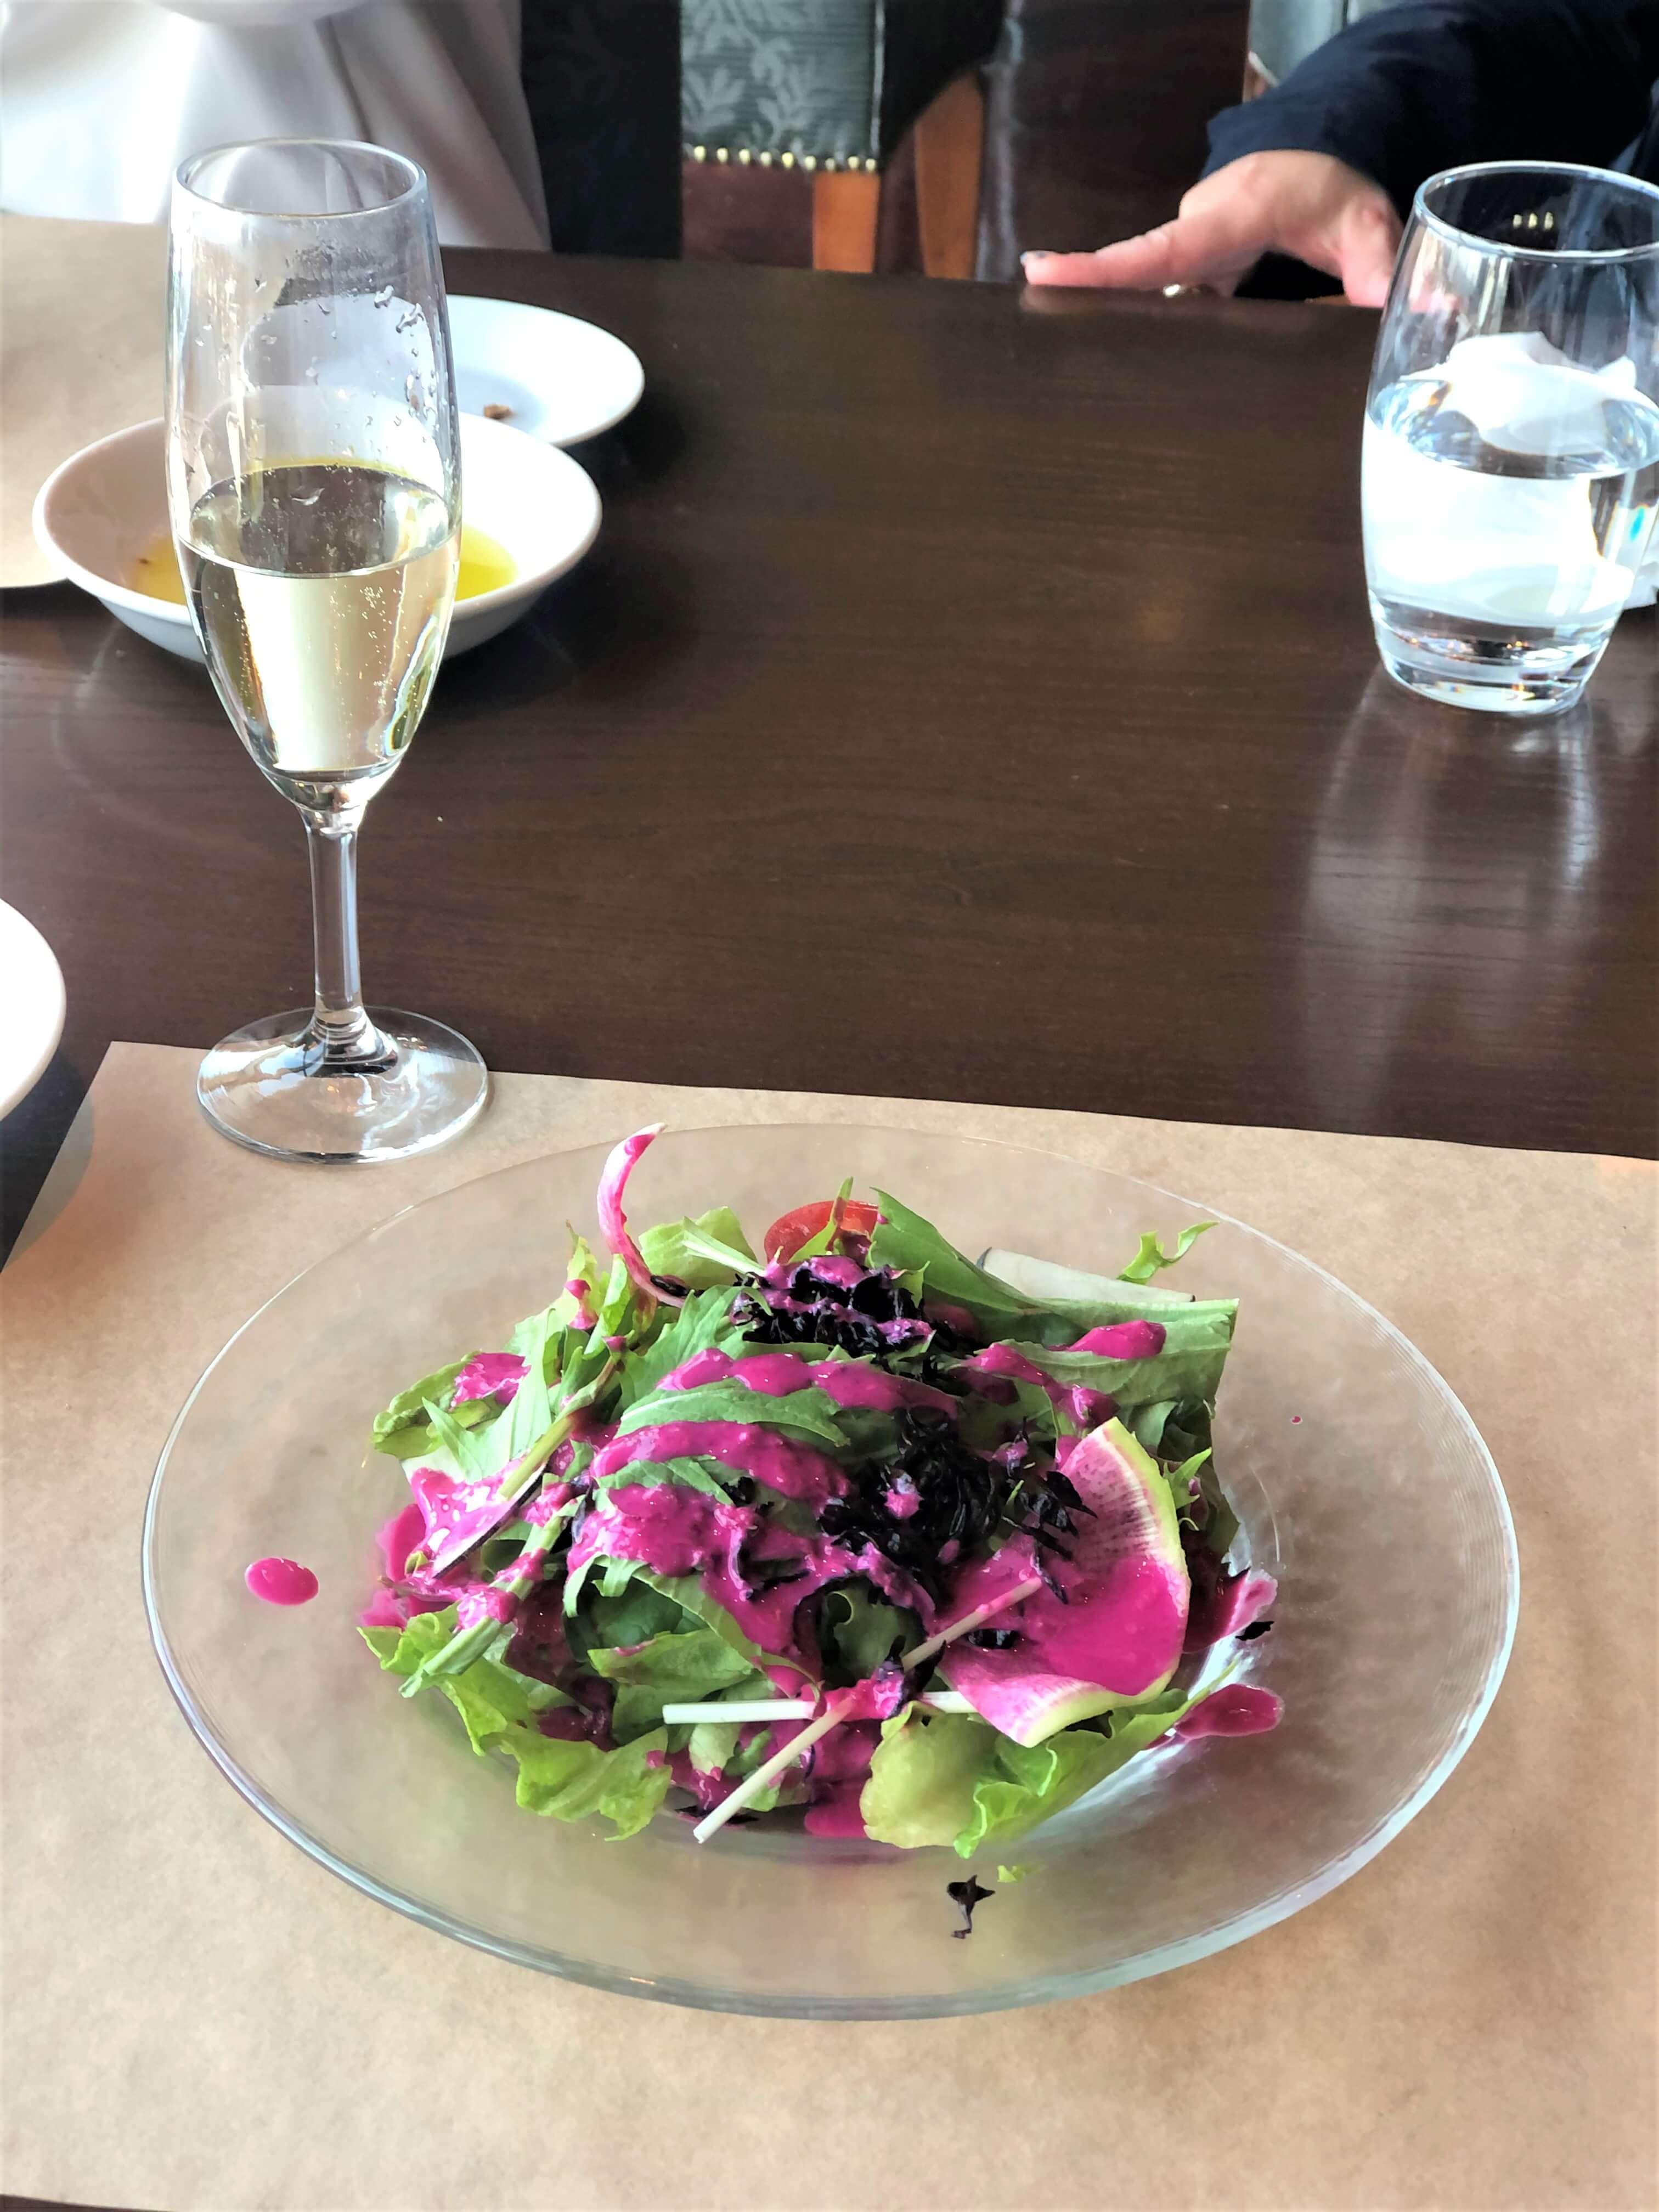 ビーツとヨーグルトの色鮮やかなドレッシングのミックスグリーンサラダ